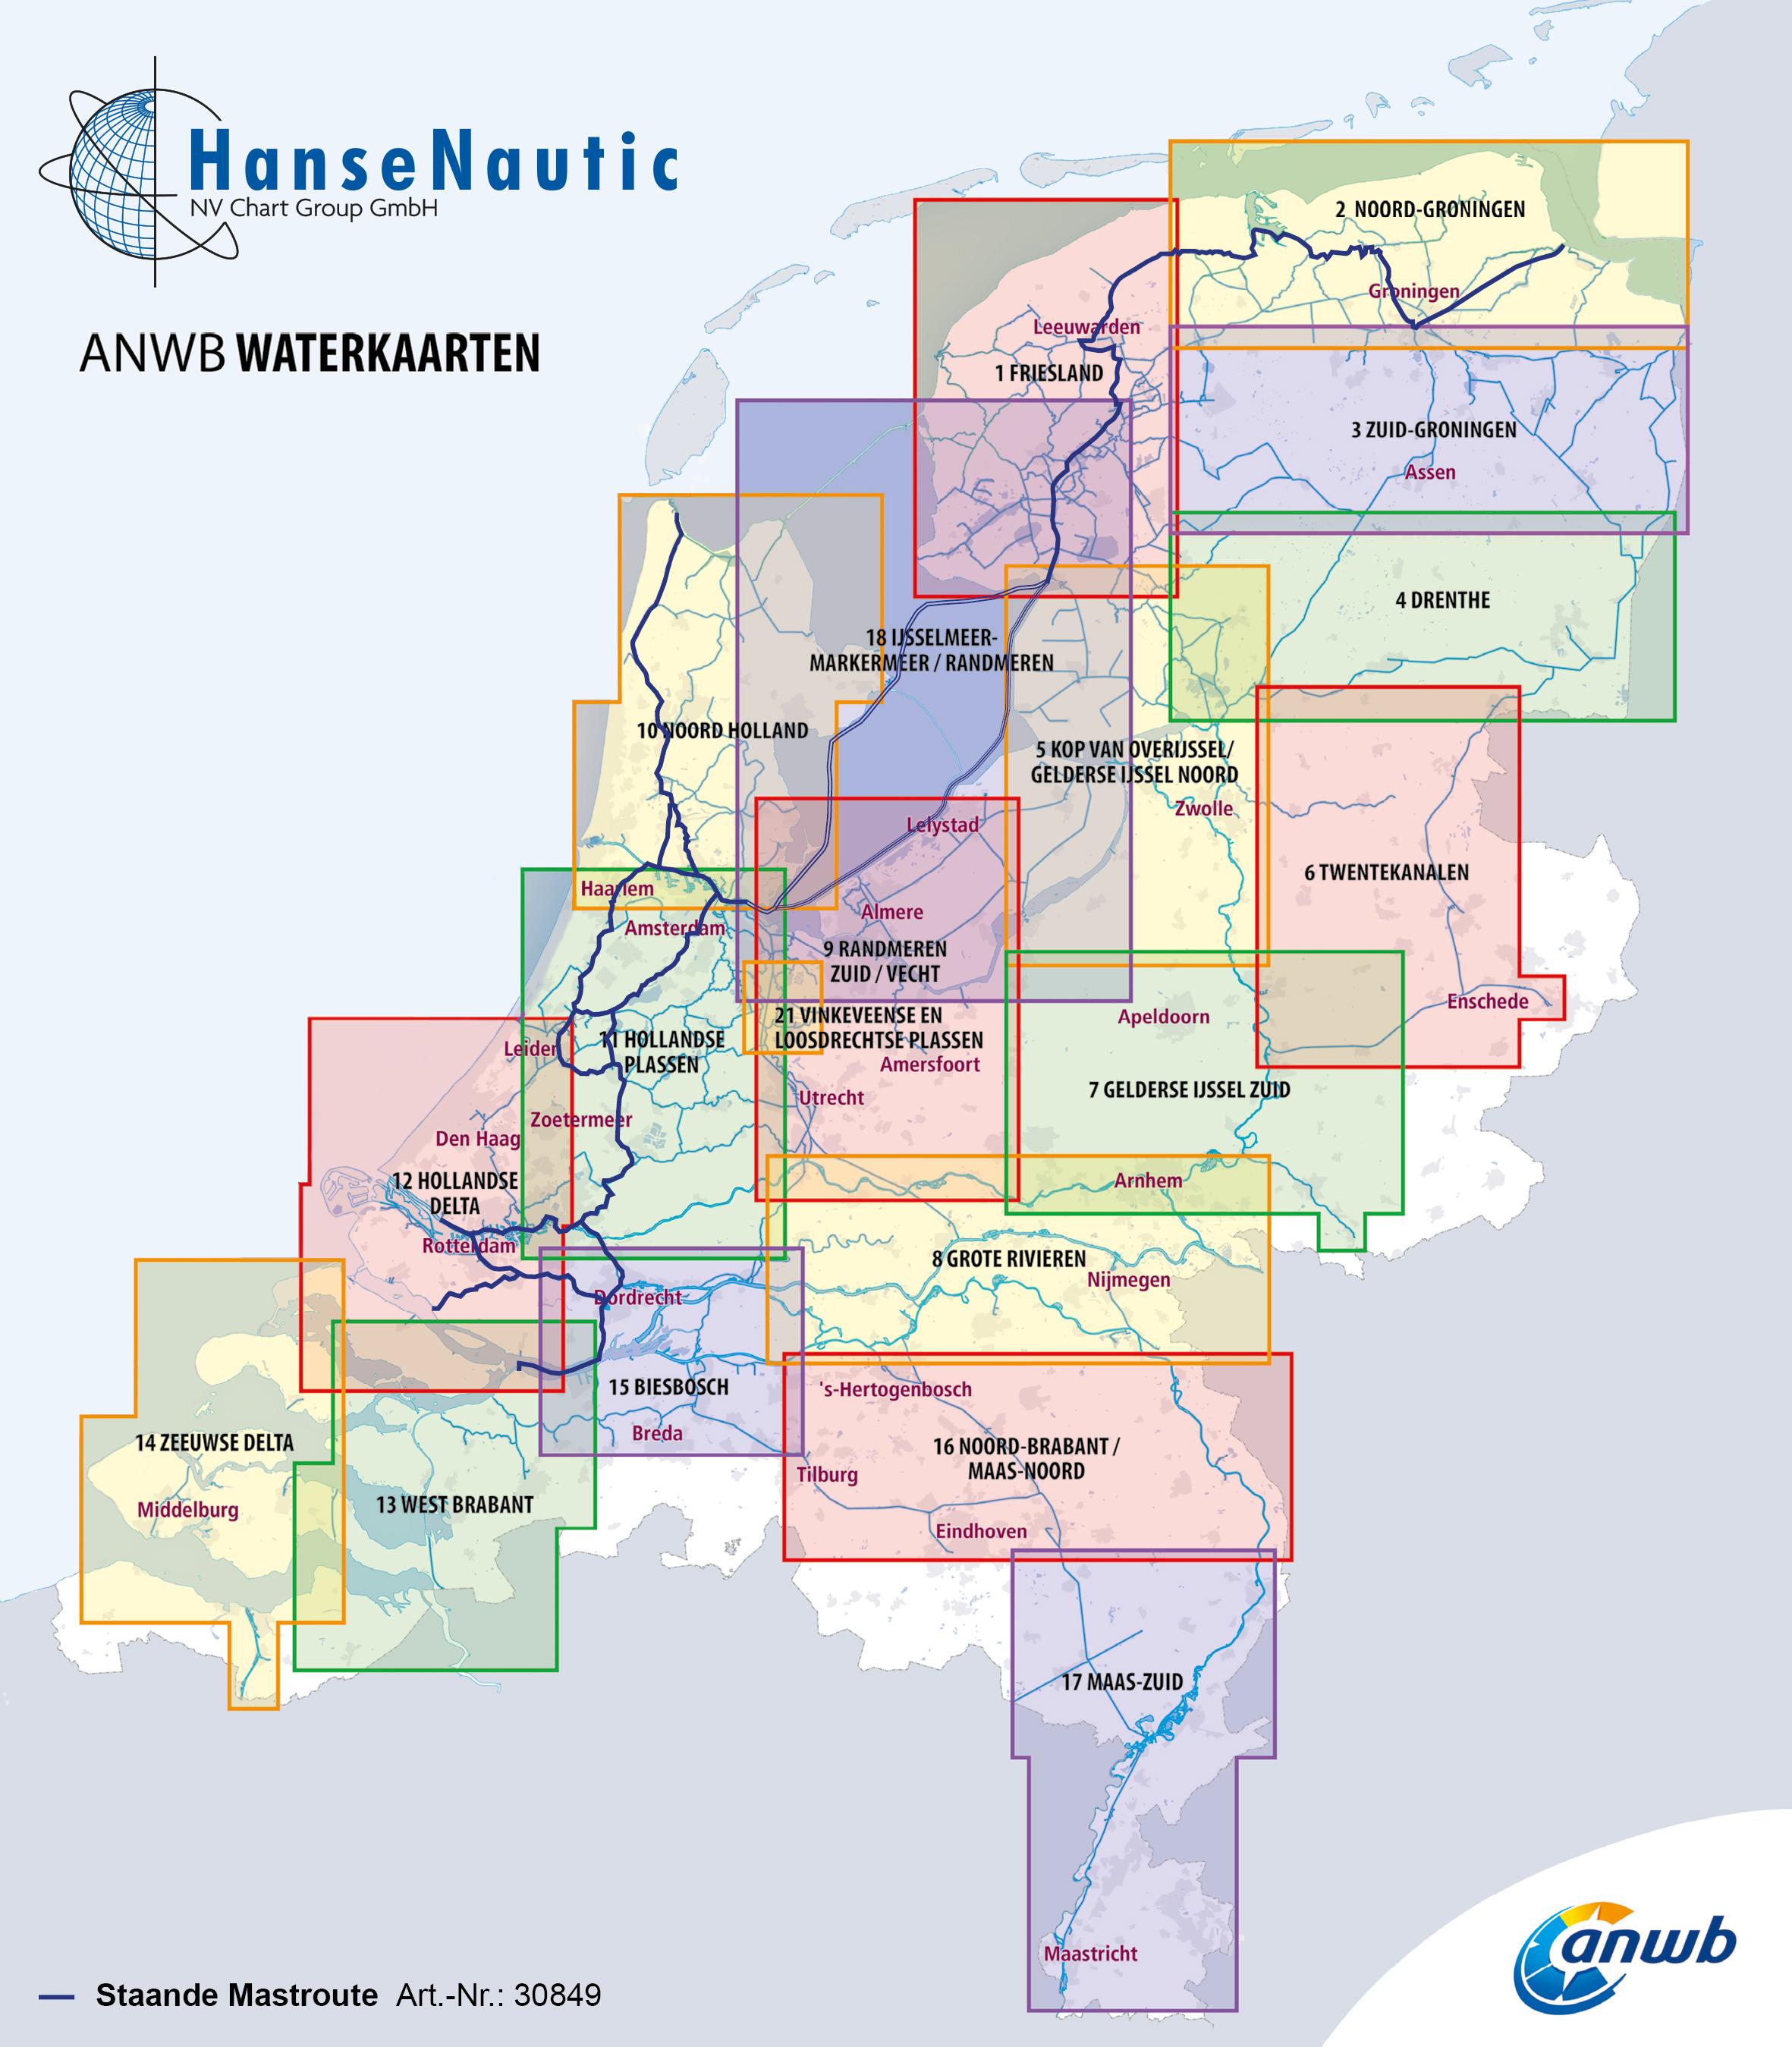 Karte mit den Abdeckungsgrenzen aller ANWB Karten für die Niederlande